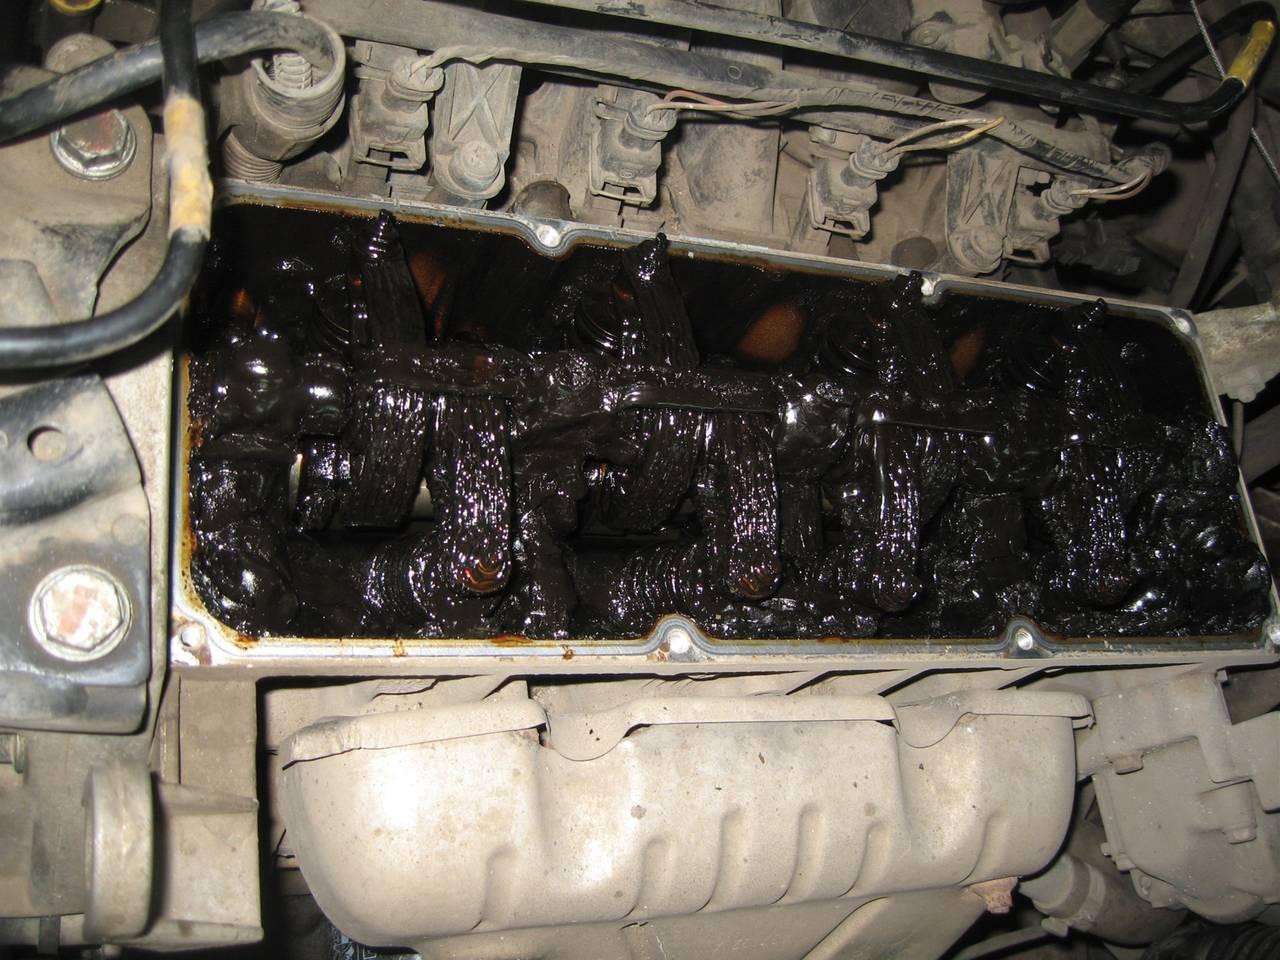 Стук при прогреве двигателя в шкоде а7 23 фотография